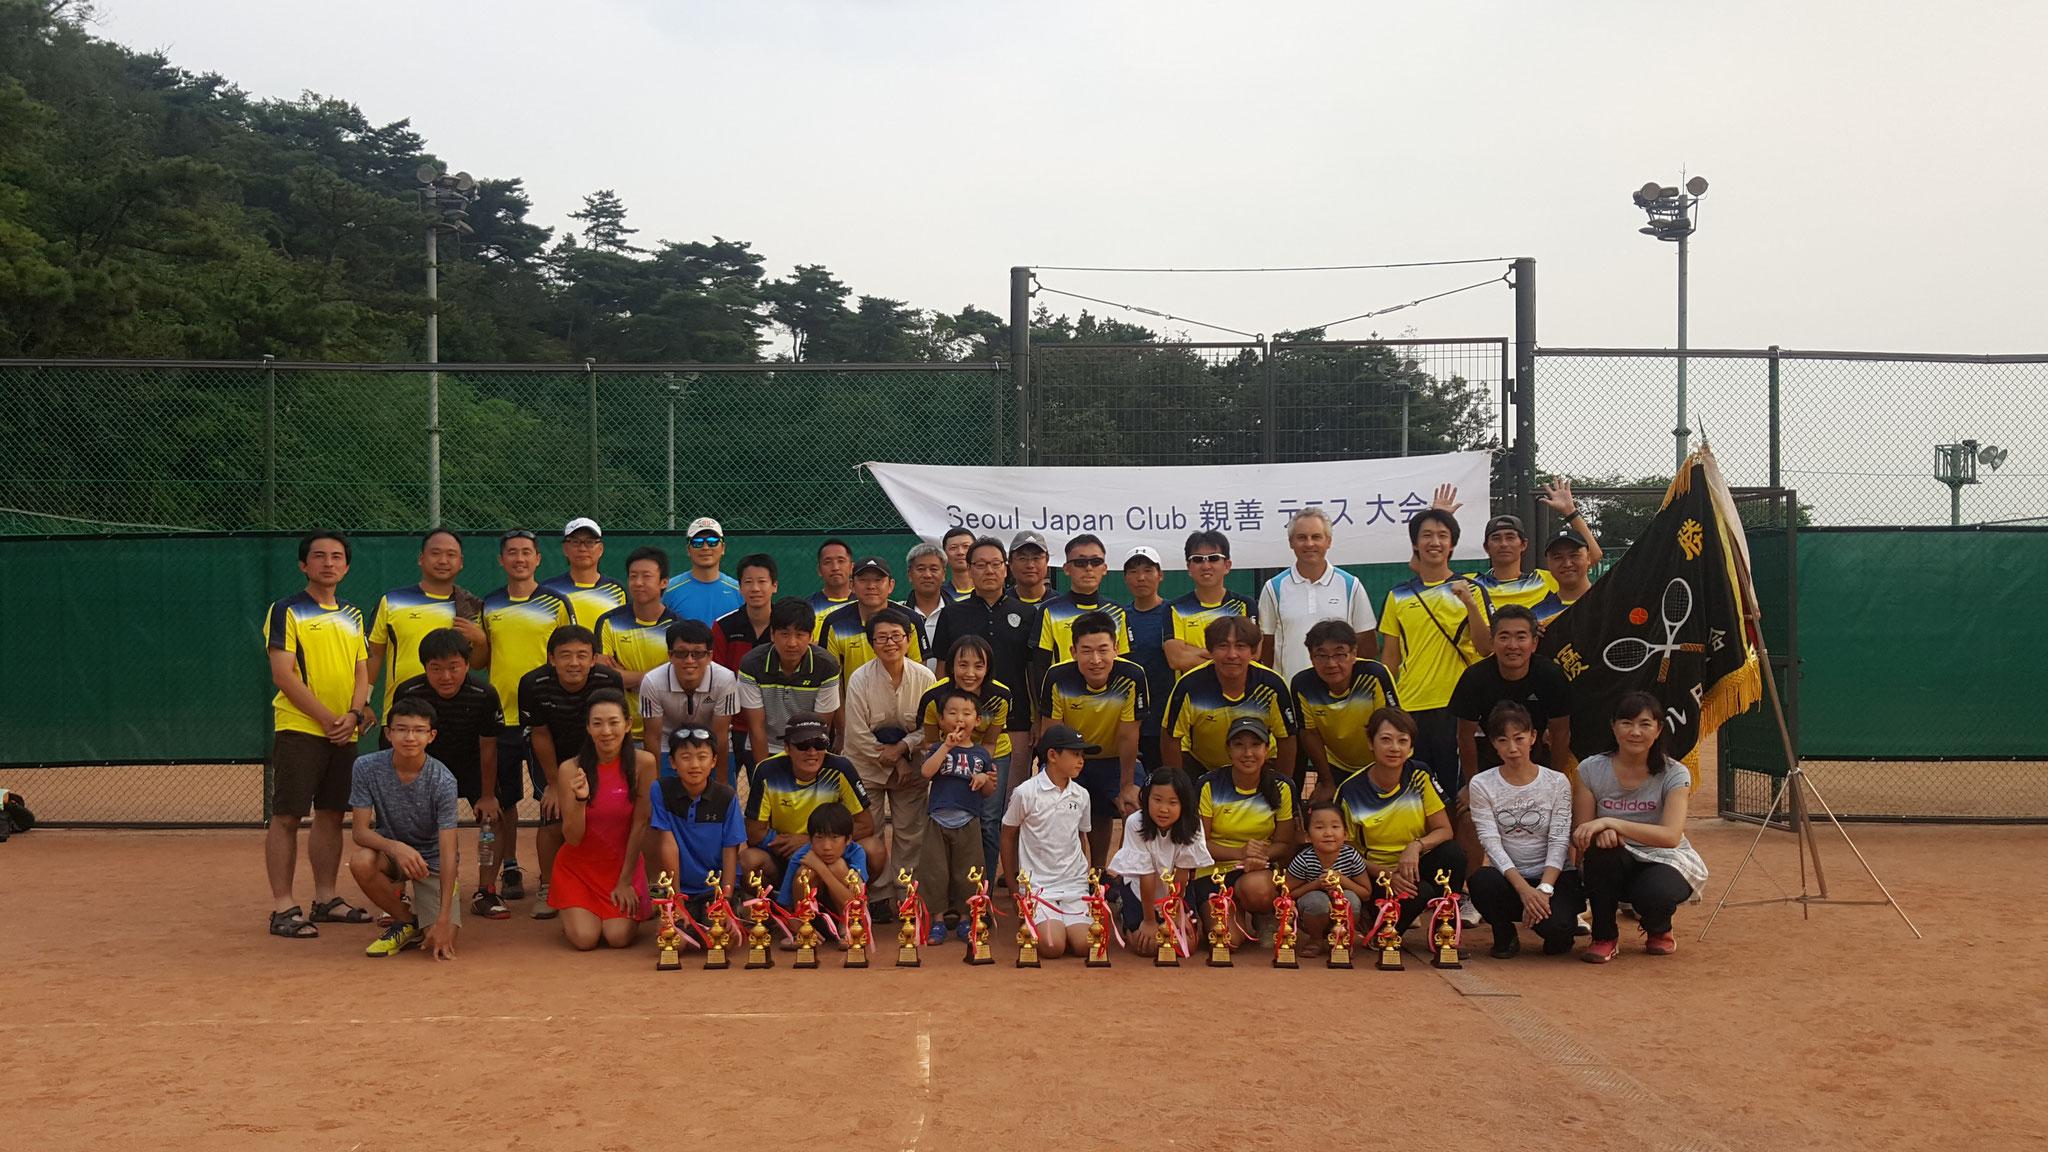 2017年9月 SJCテニス大会開催、A・Cクラス優勝!!!